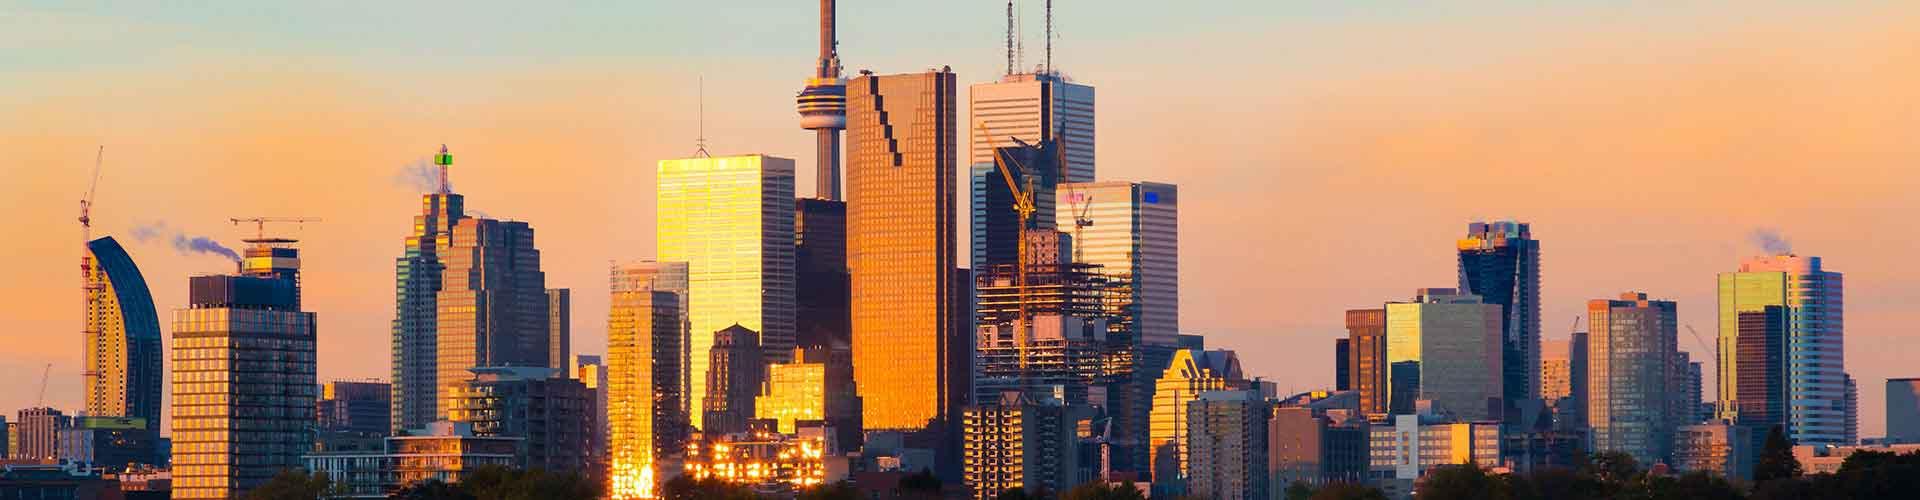 Toronto - Hoteles baratos en el distrito El centro de Toronto. Mapas de Toronto, Fotos y comentarios de cada Hotel barato en Toronto.